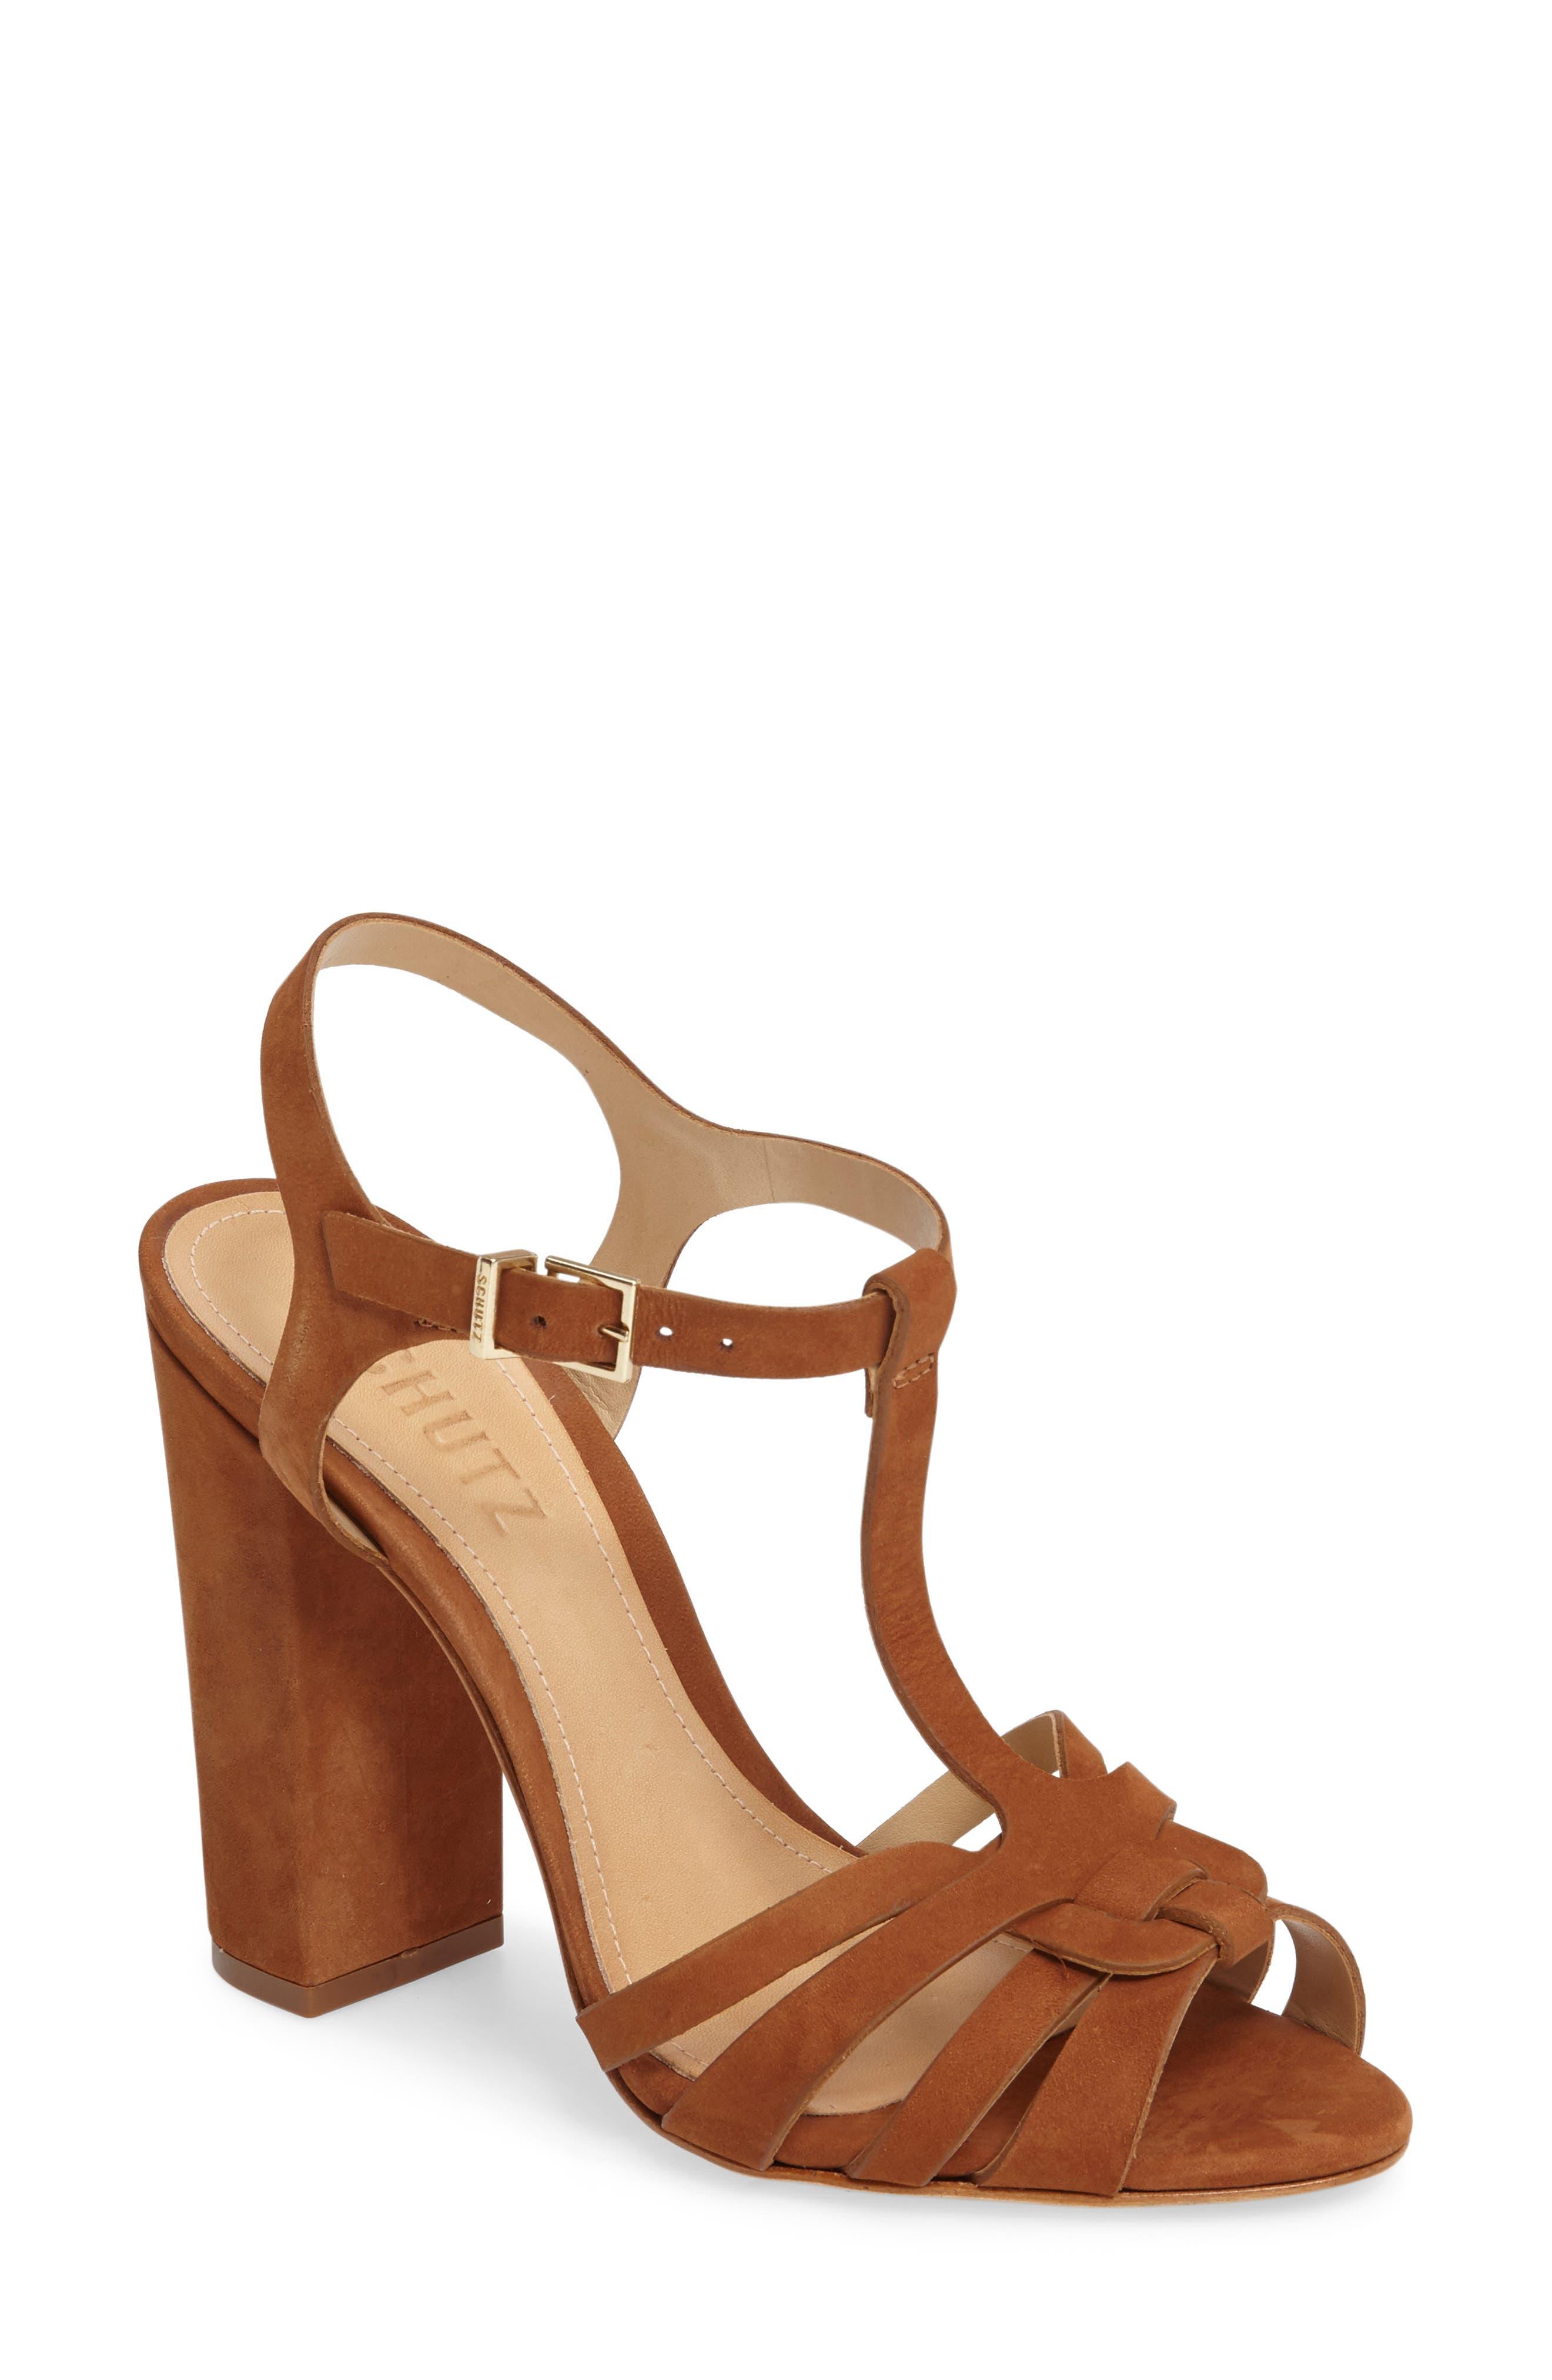 Sorella Sandal,                         Main,                         color, Saddle